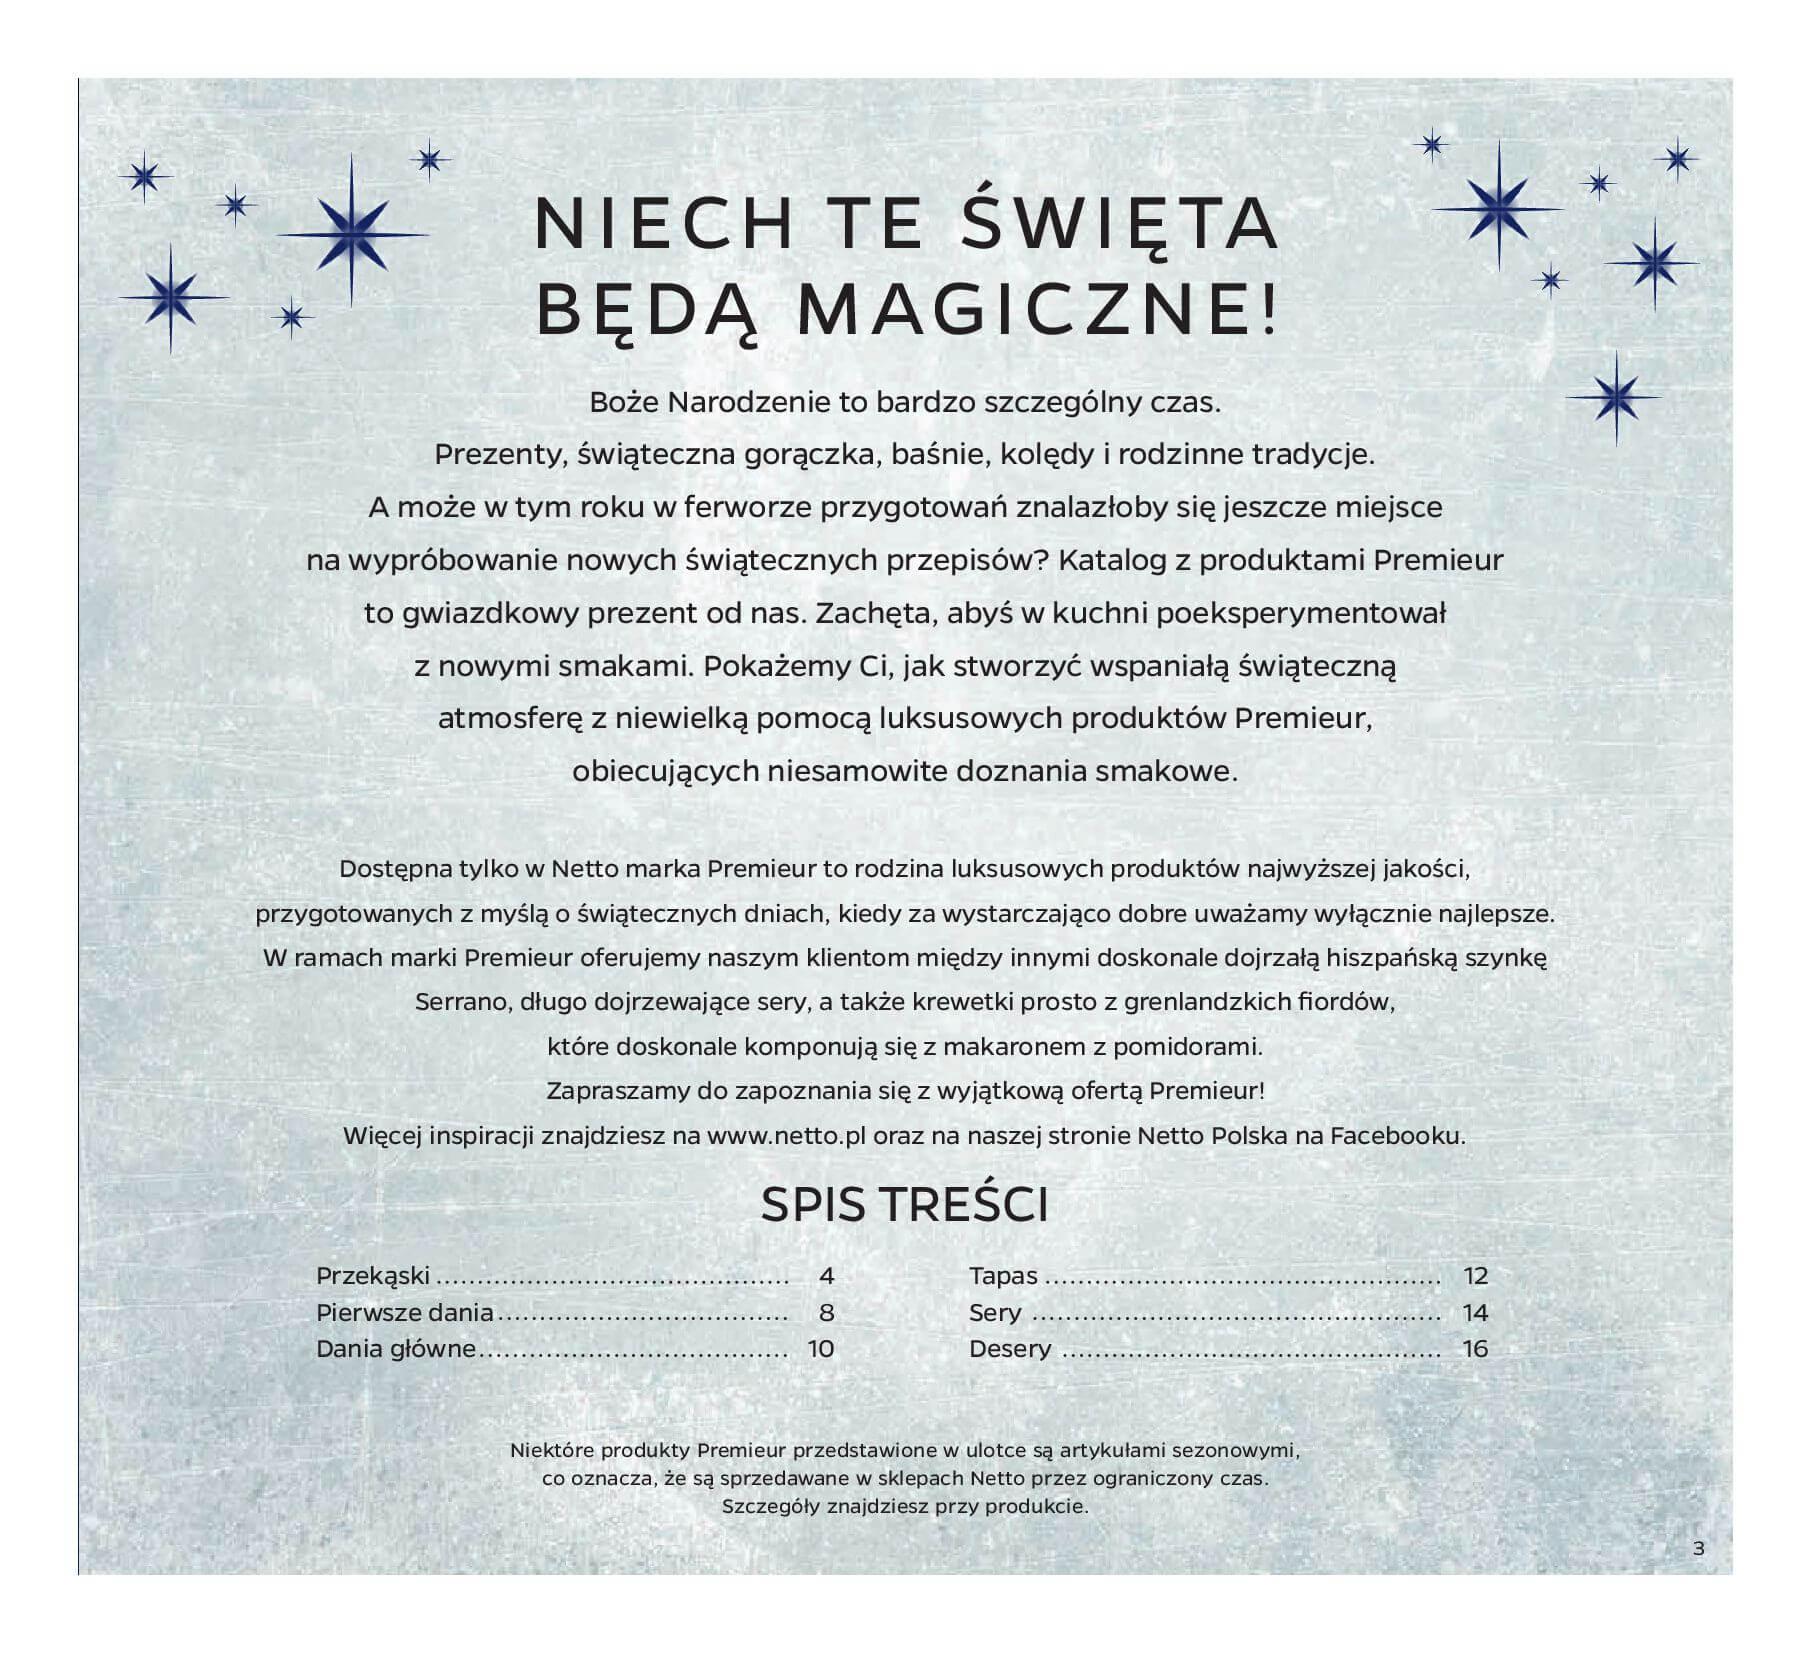 Gazetka Netto - Katalog-2017-11-19-2017-12-31-page-3